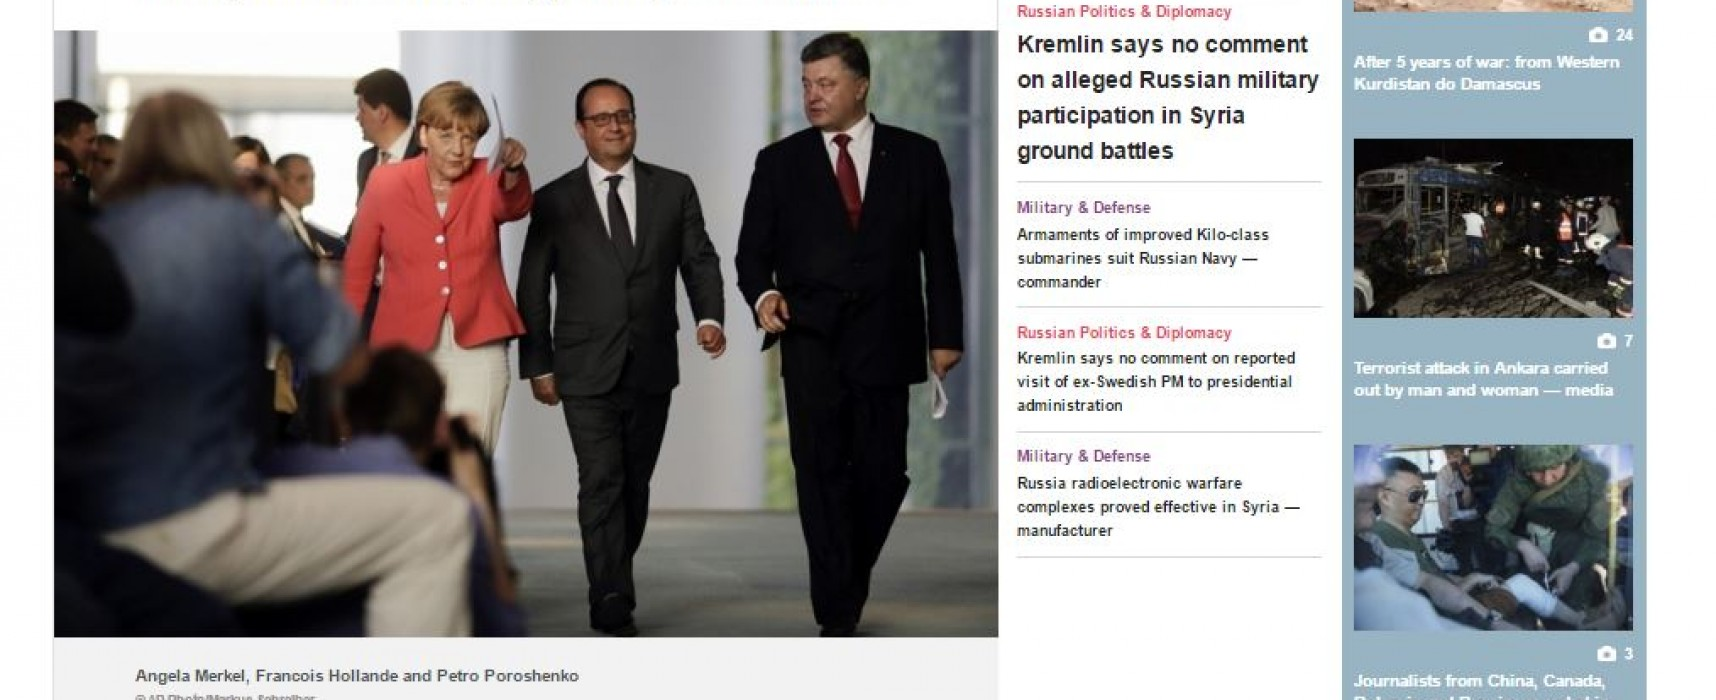 Российские СМИ исказили заявление европейских лидеров об Украине